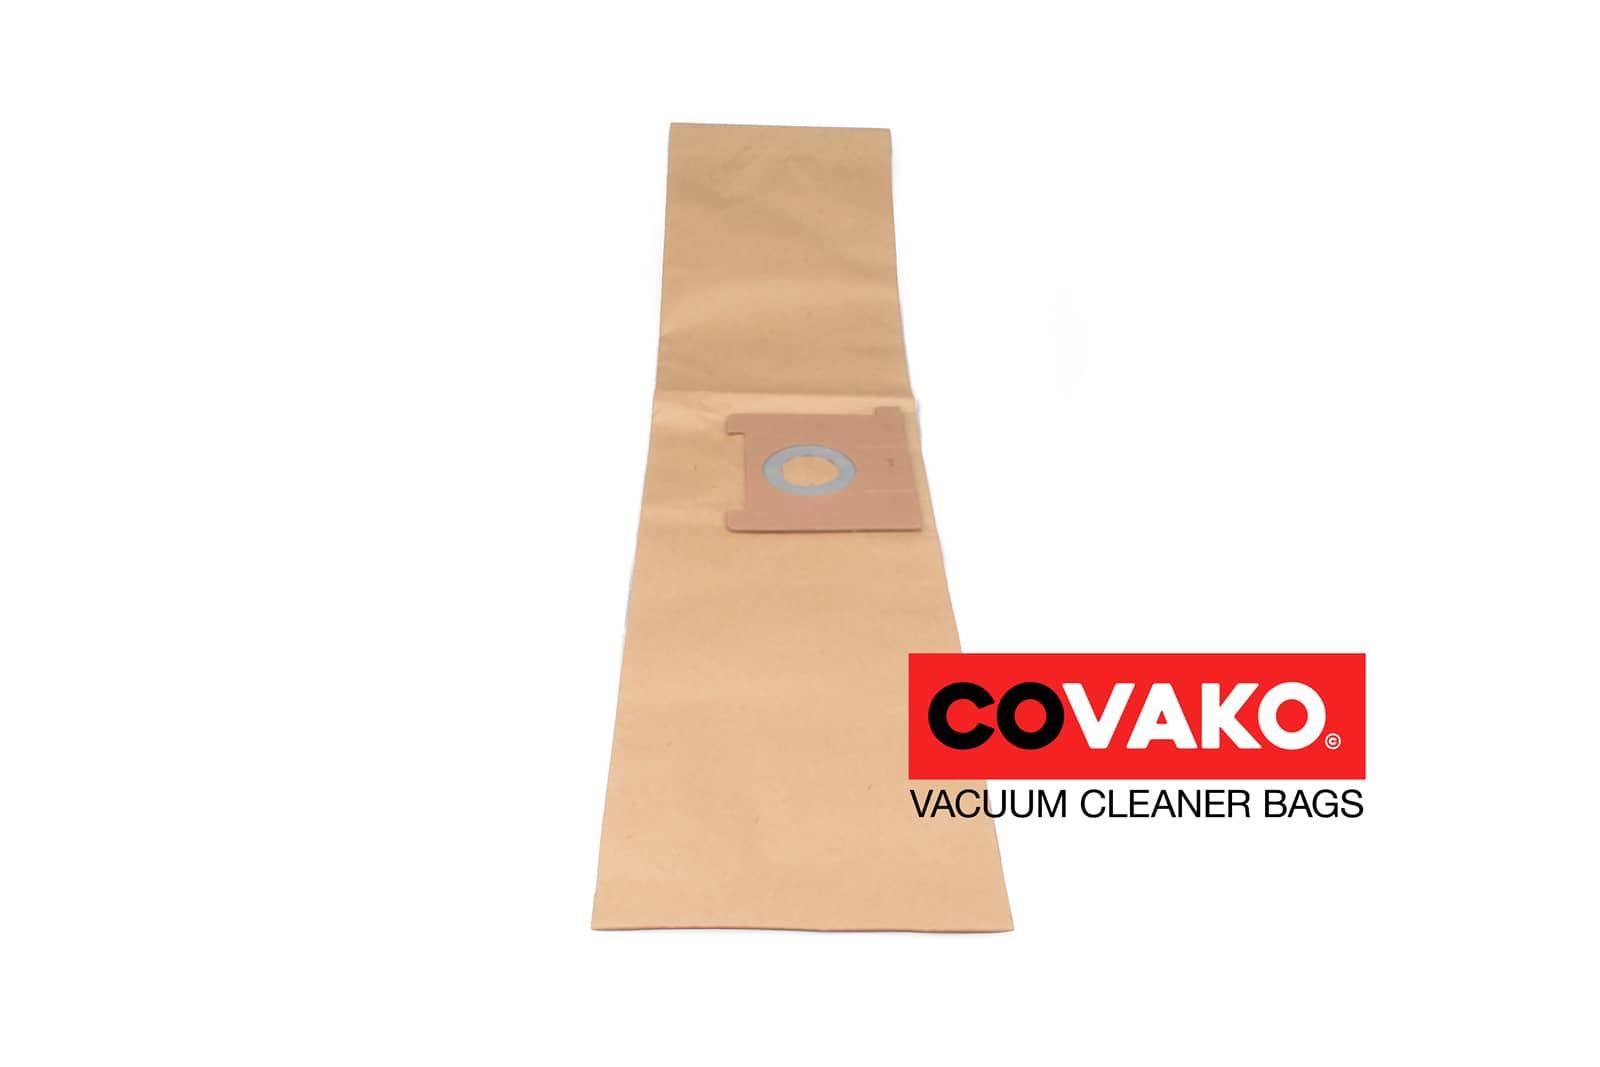 Kenter pur Q XL / Paper - Kenter vacuum cleaner bags